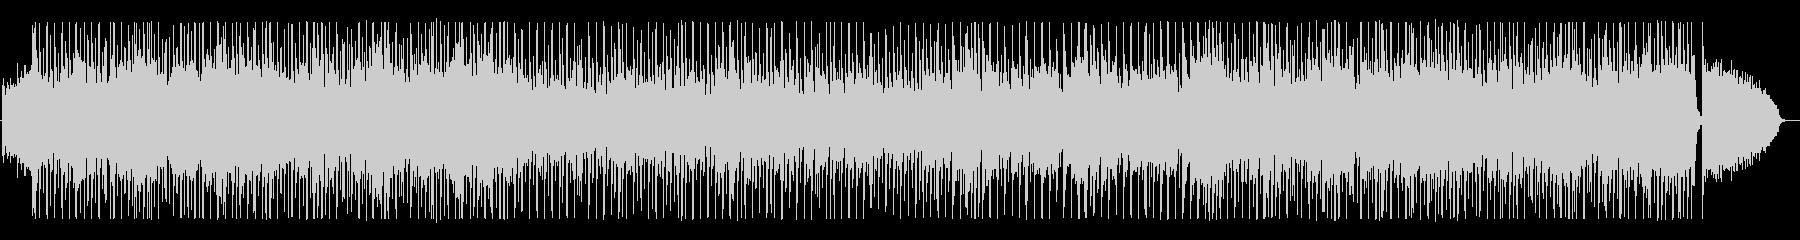 シンセサイザー中心のサンバの未再生の波形